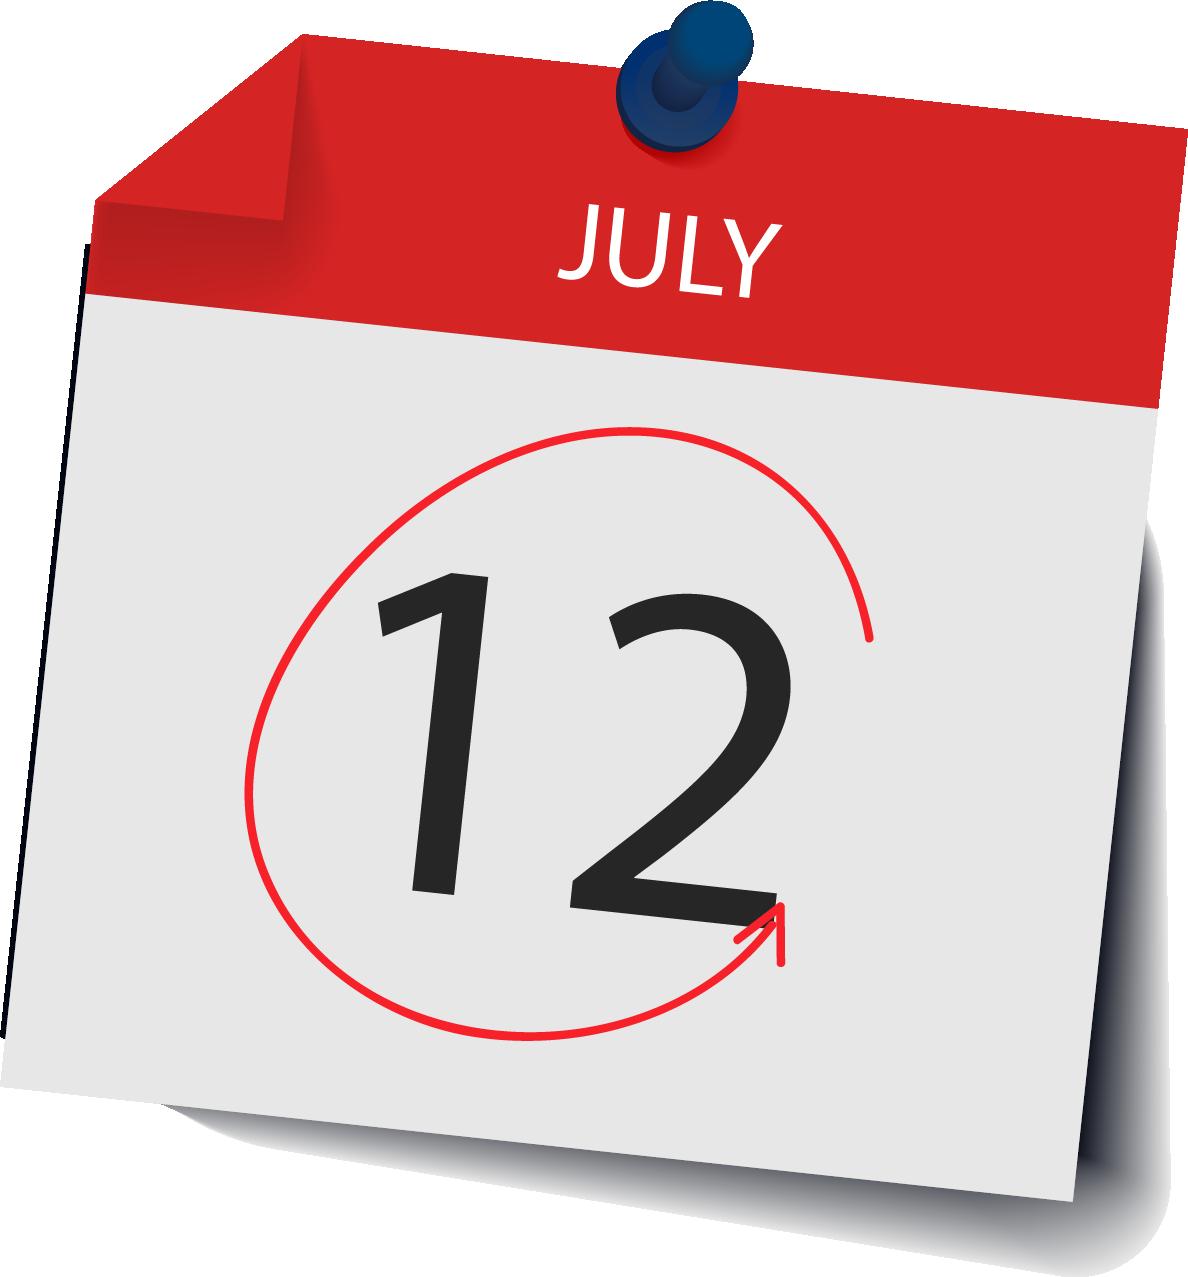 12JULY